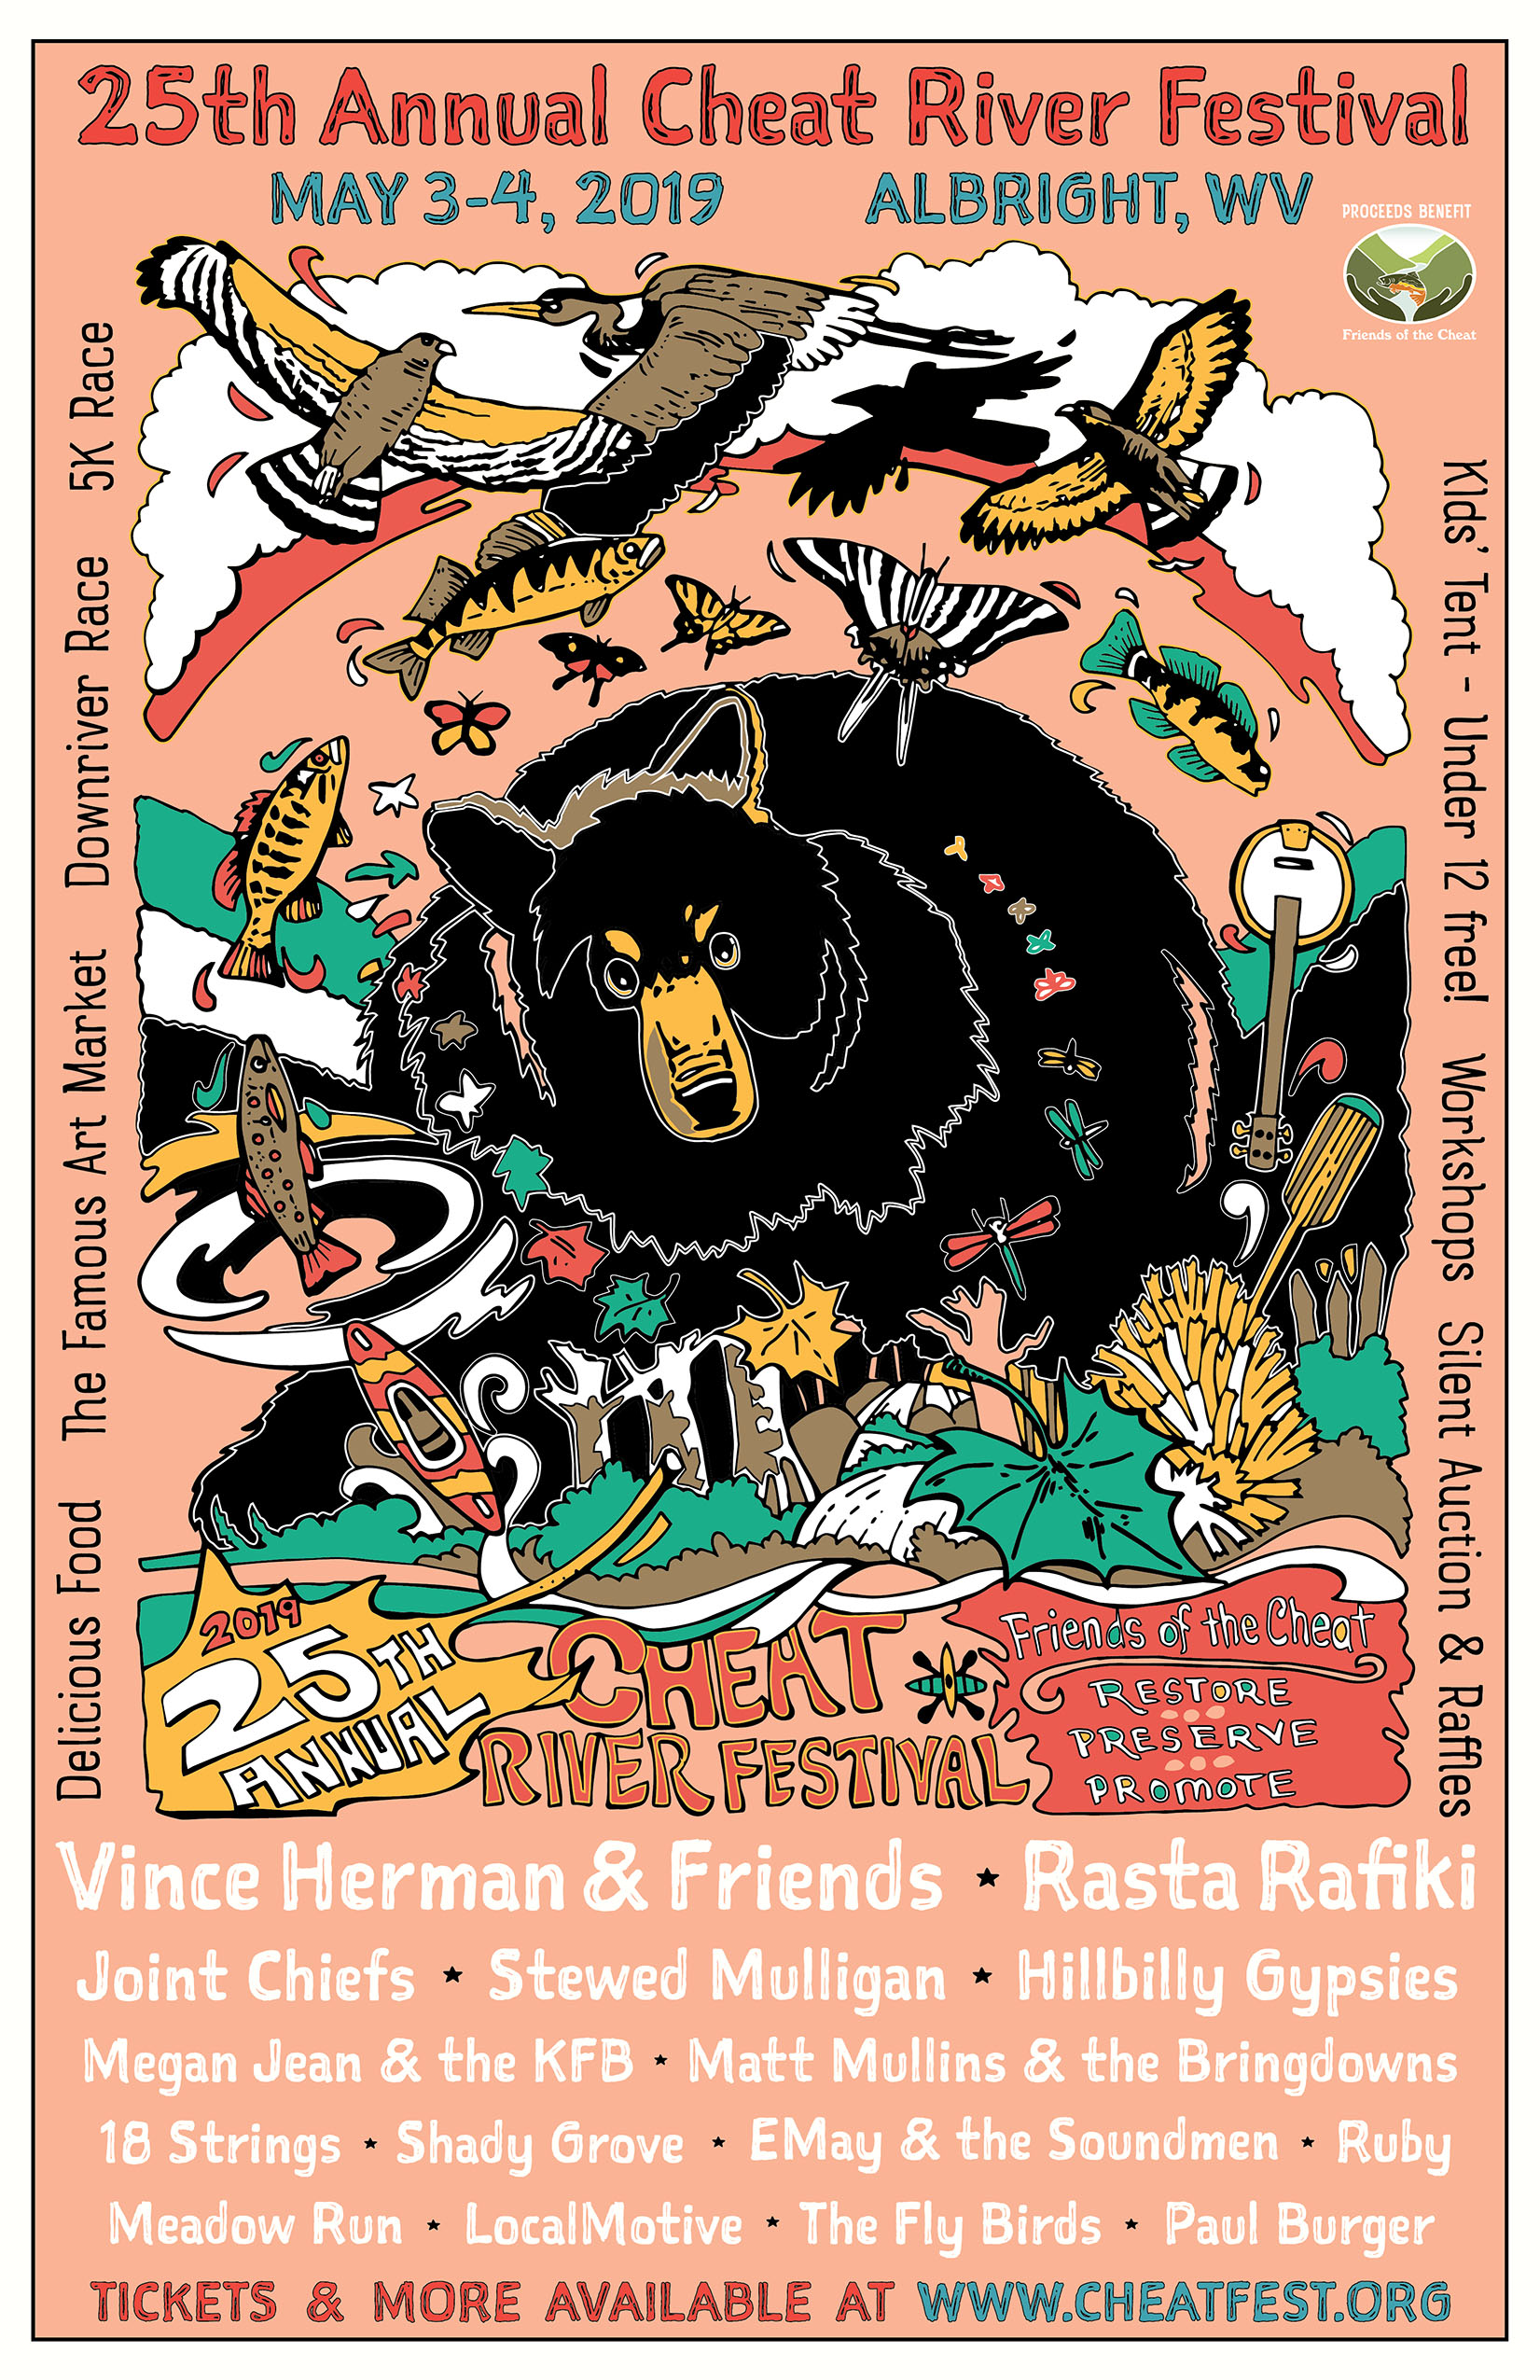 Cheat River Festival